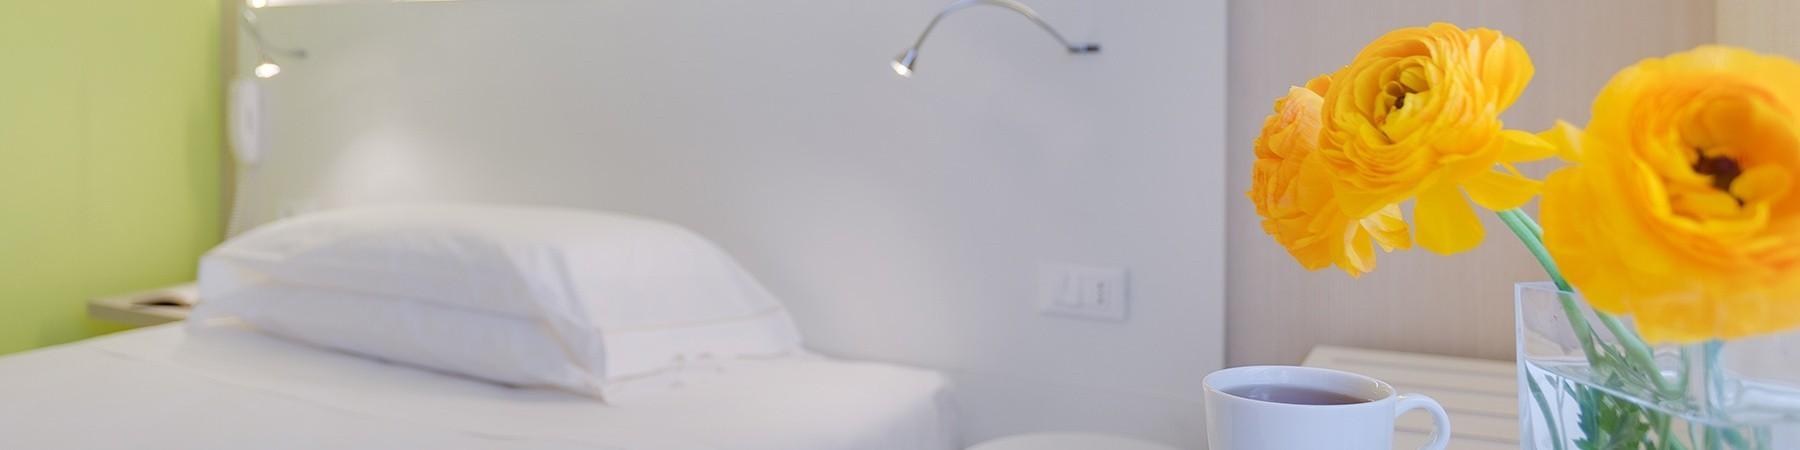 Nội thất phòng ngủ.Giường ngủ,chăn ga gối đệm,rèm mành,Két sắt an toàn